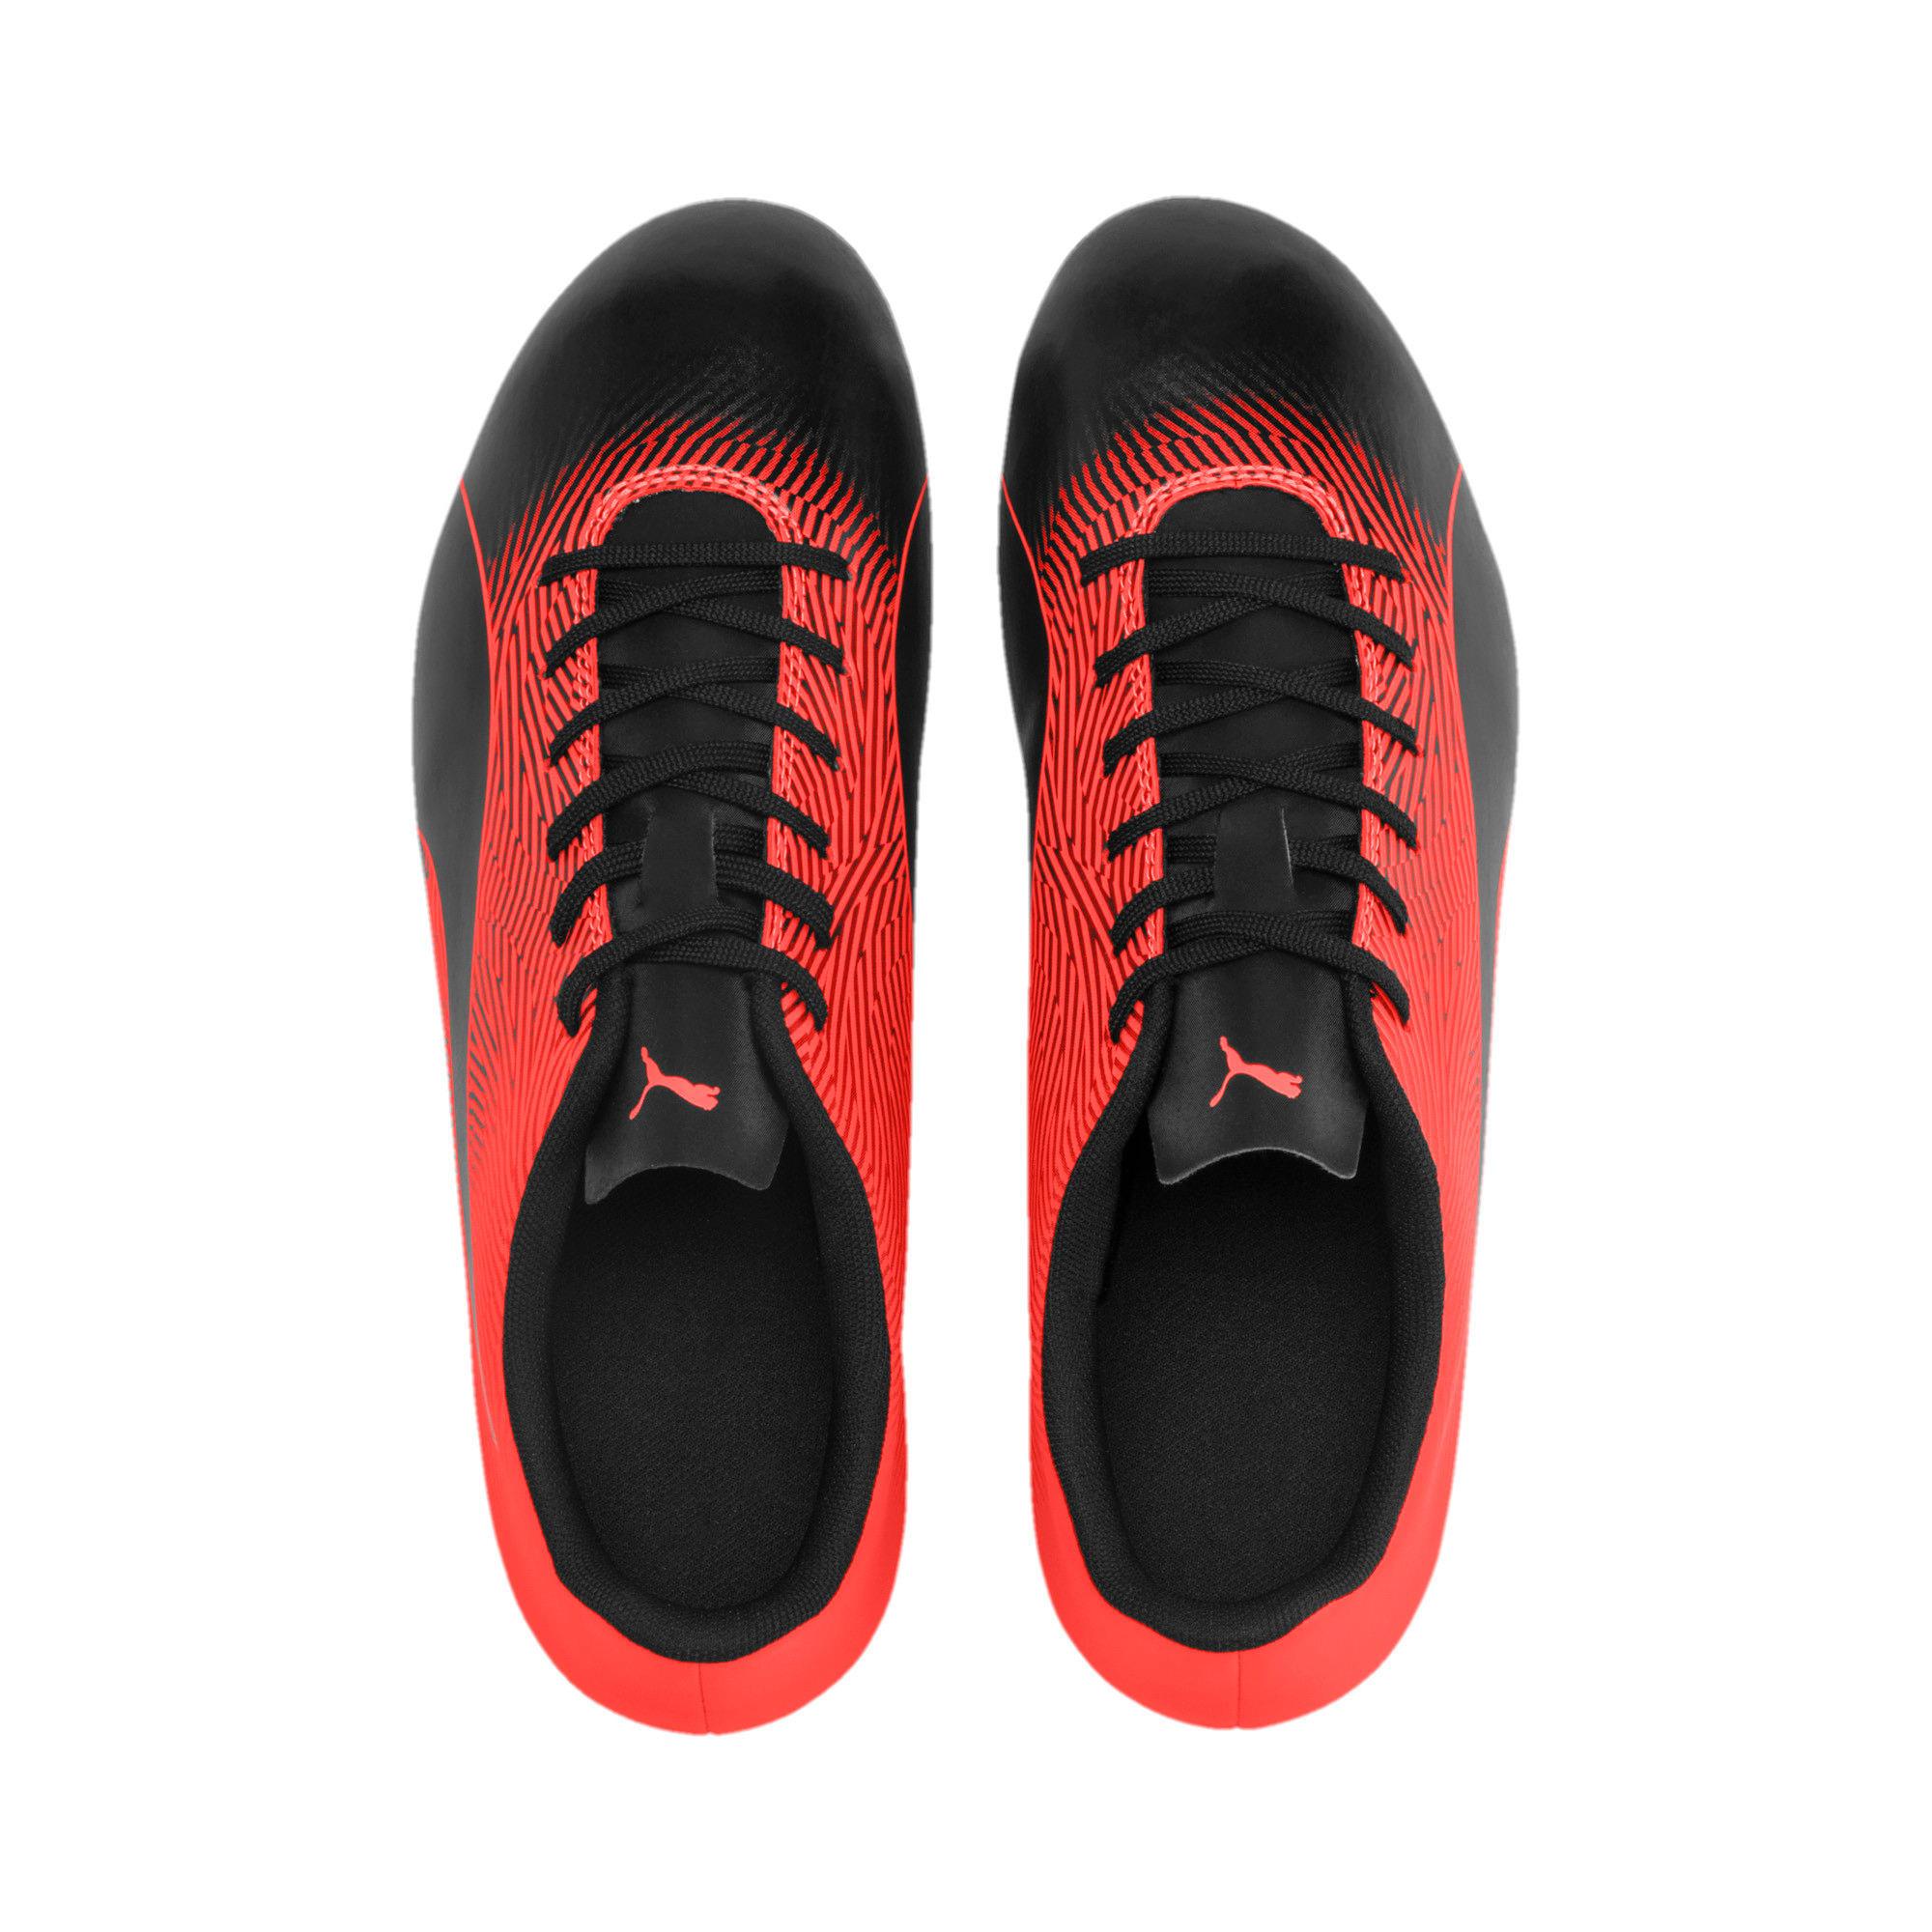 Miniatura 7 de Botines de fútbol PUMA Spirit II FG para hombre, Puma Black-Nrgy Red, mediano